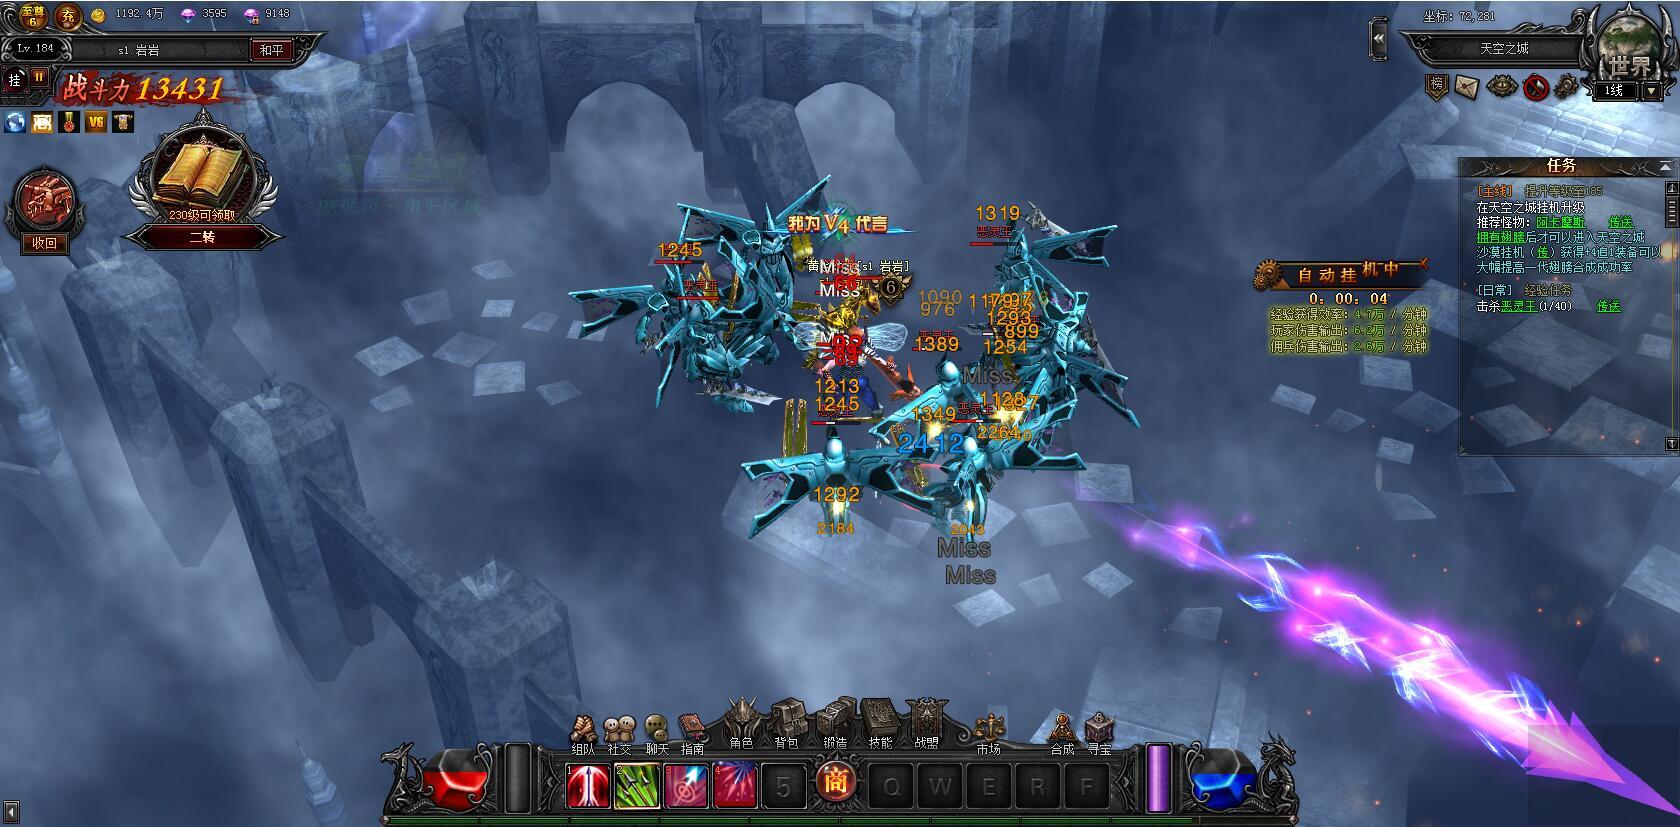 《新勇者之塔》游戏截图